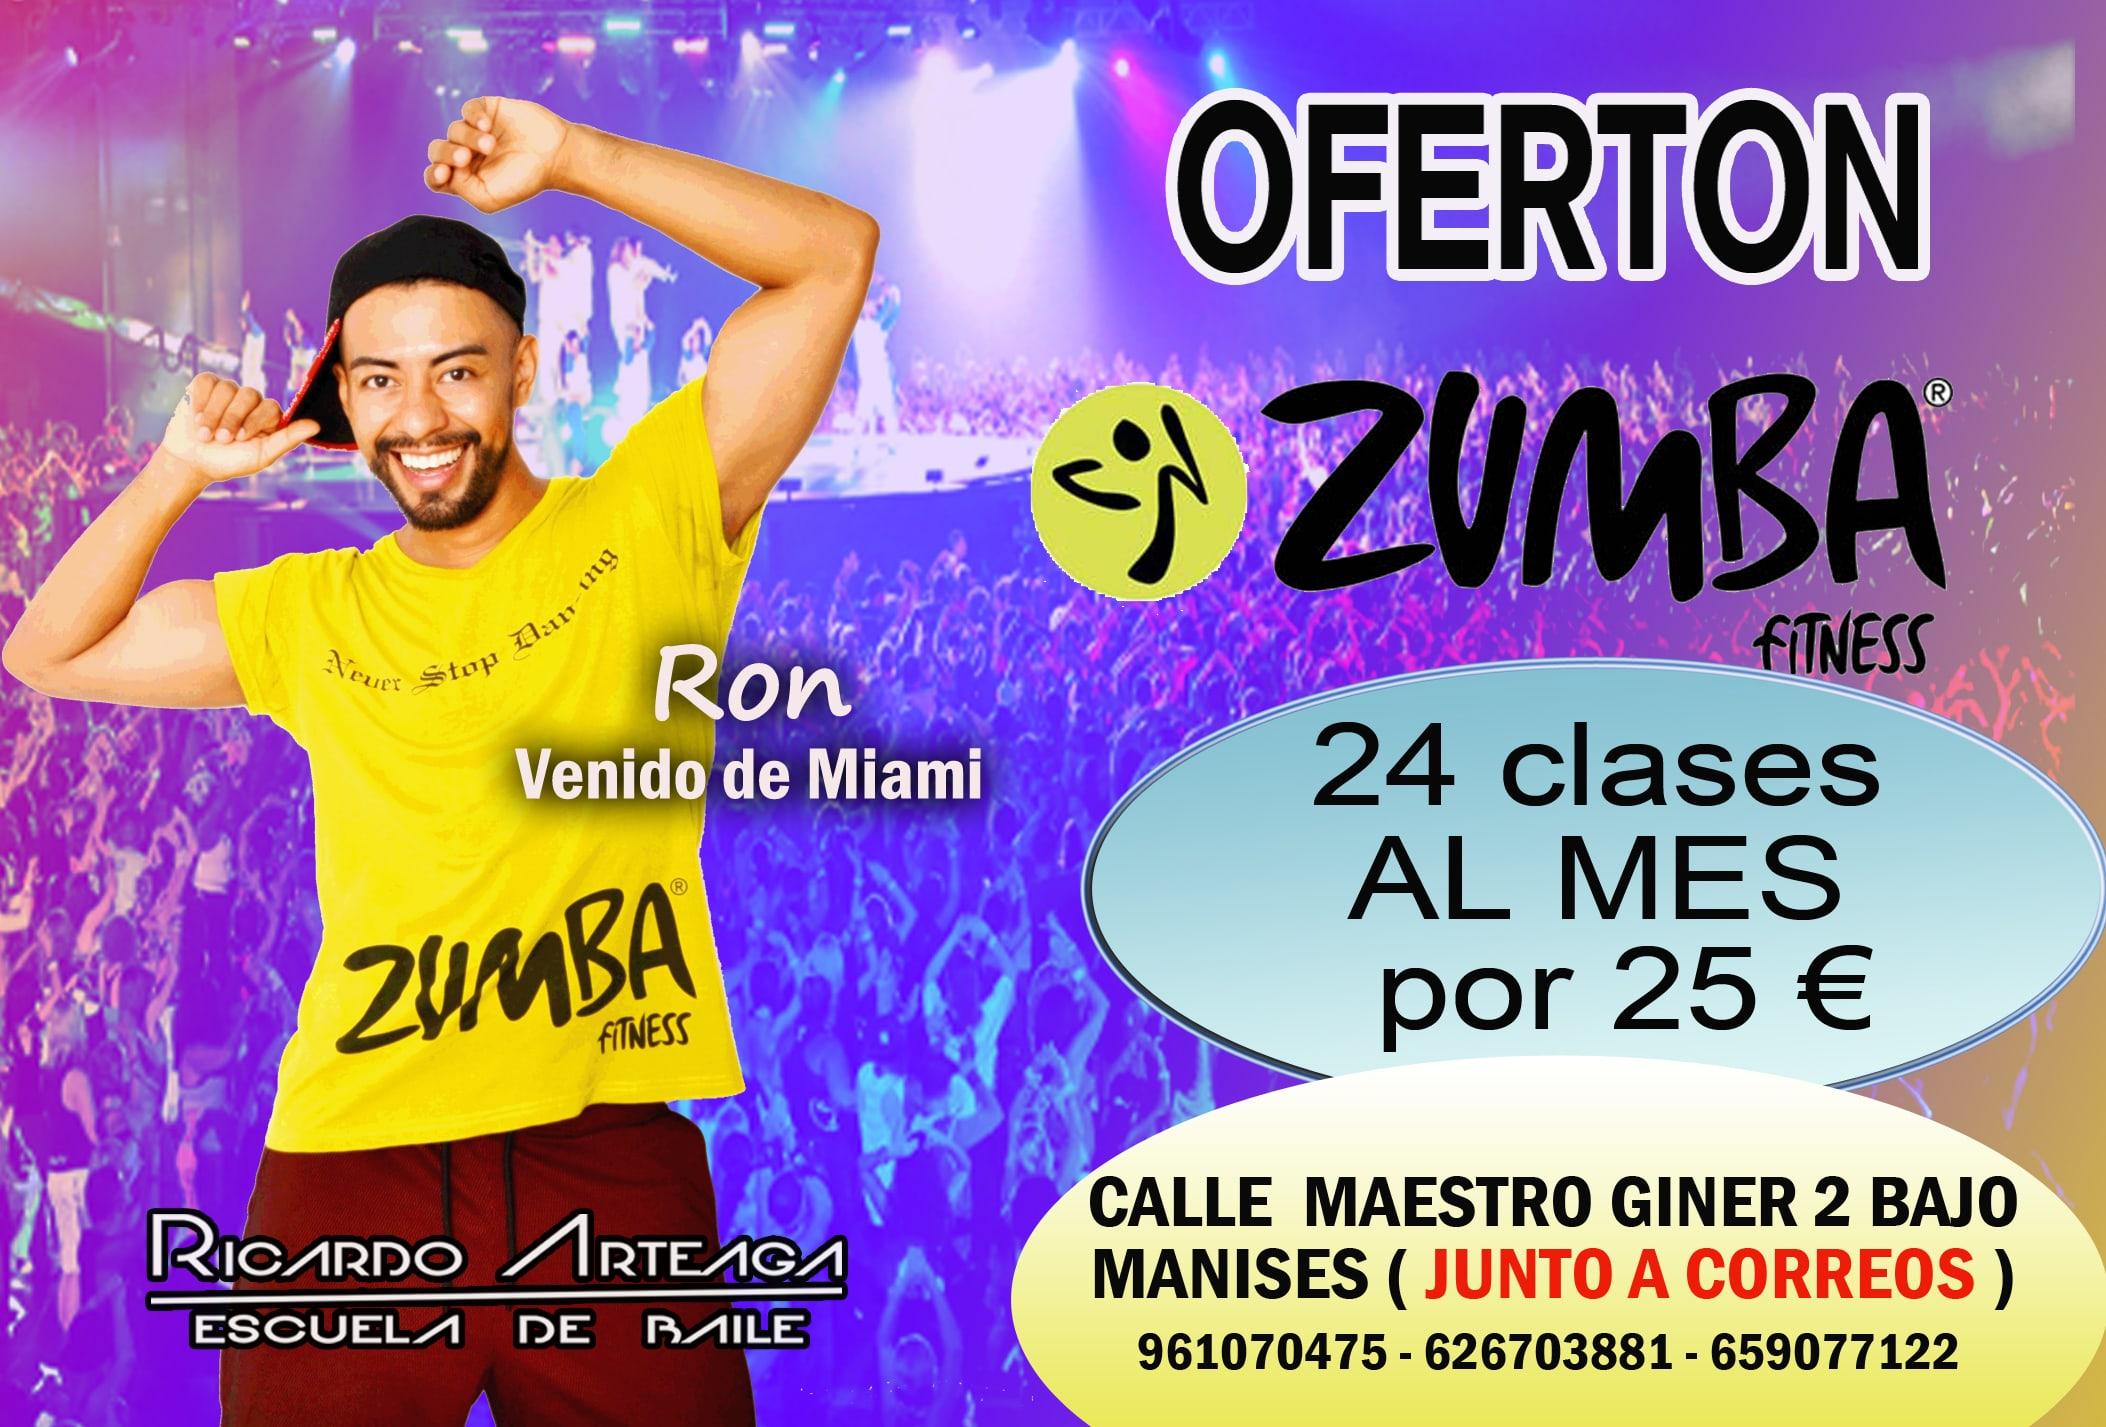 Escuela de baile Ricardo Arteaga